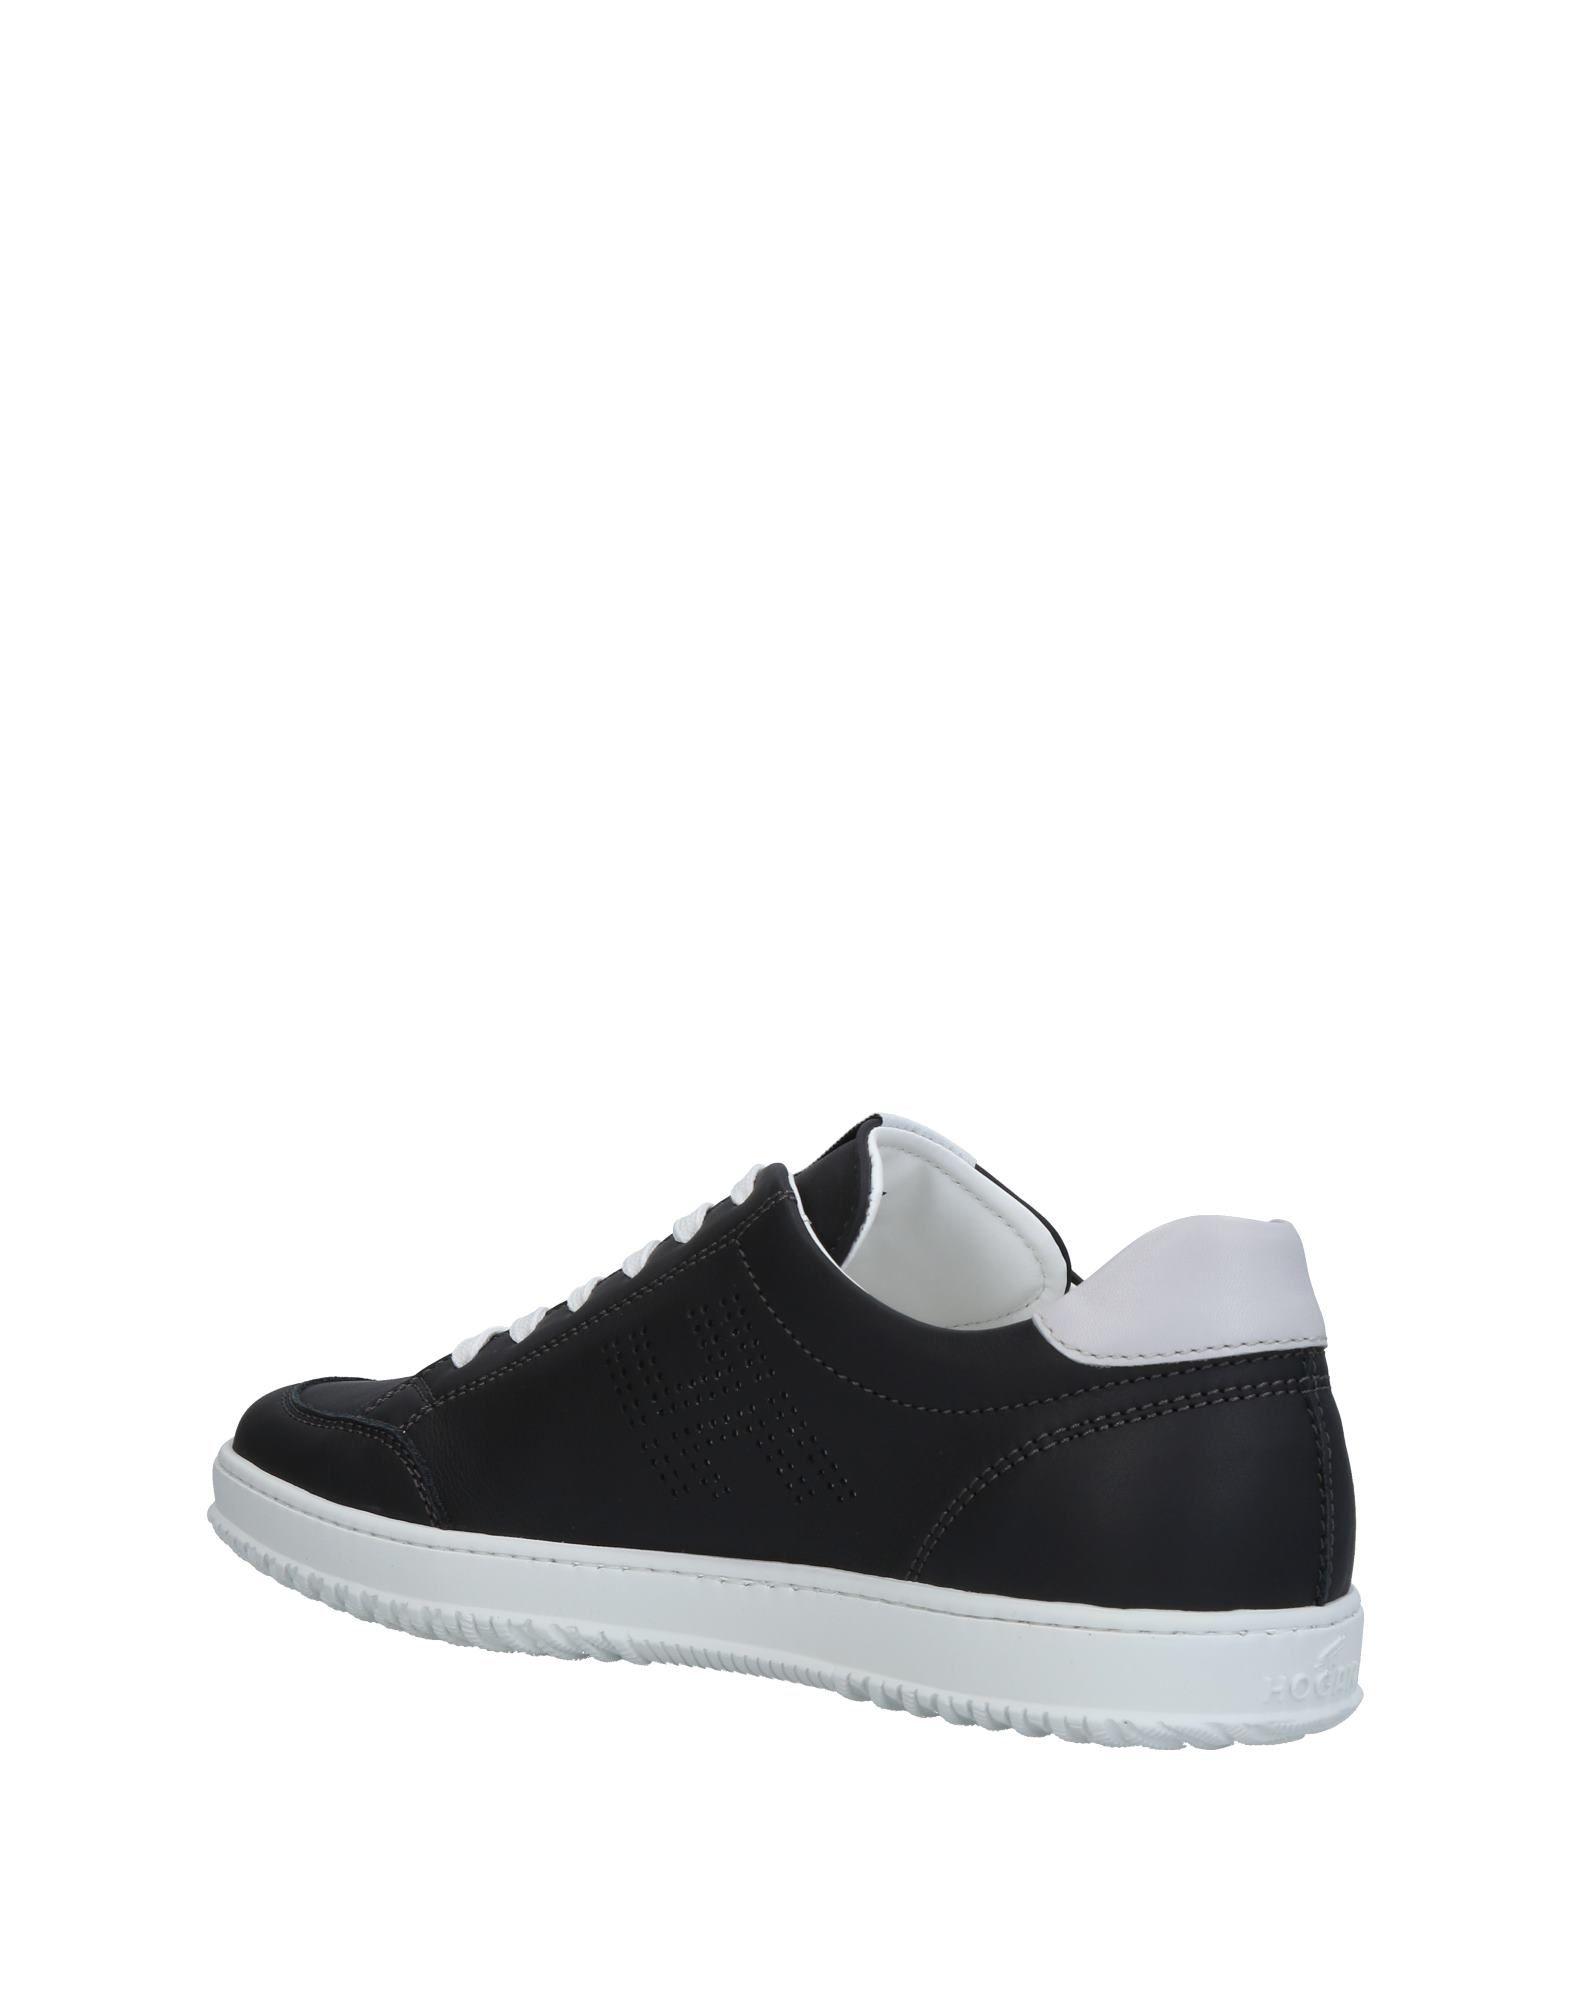 Herren Hogan Sneakers Herren   11435743VJ Heiße Schuhe 22d0ce